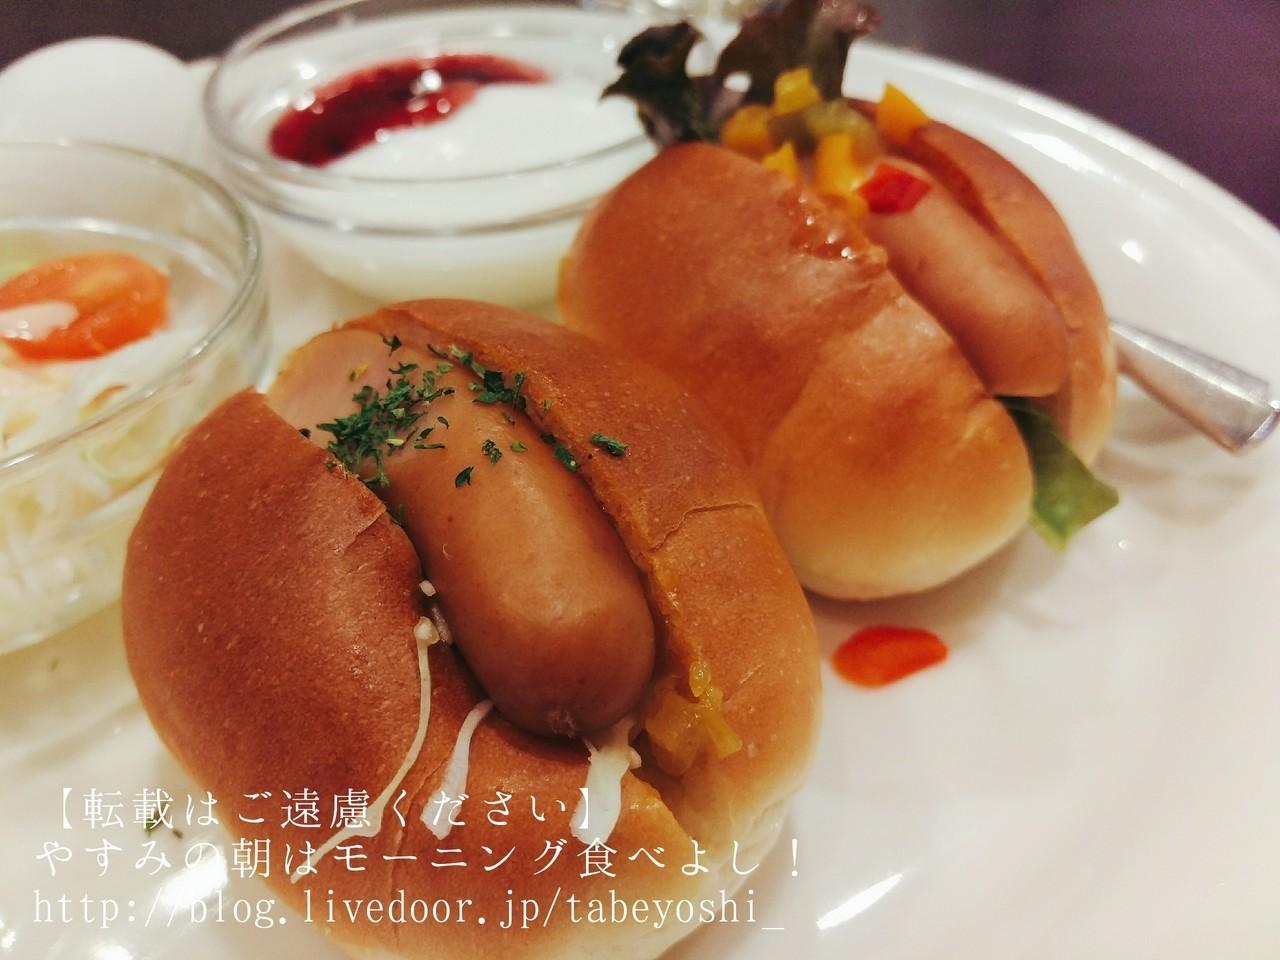 在大阪上本町『cafe Cavalier』享用關西熱狗堡!